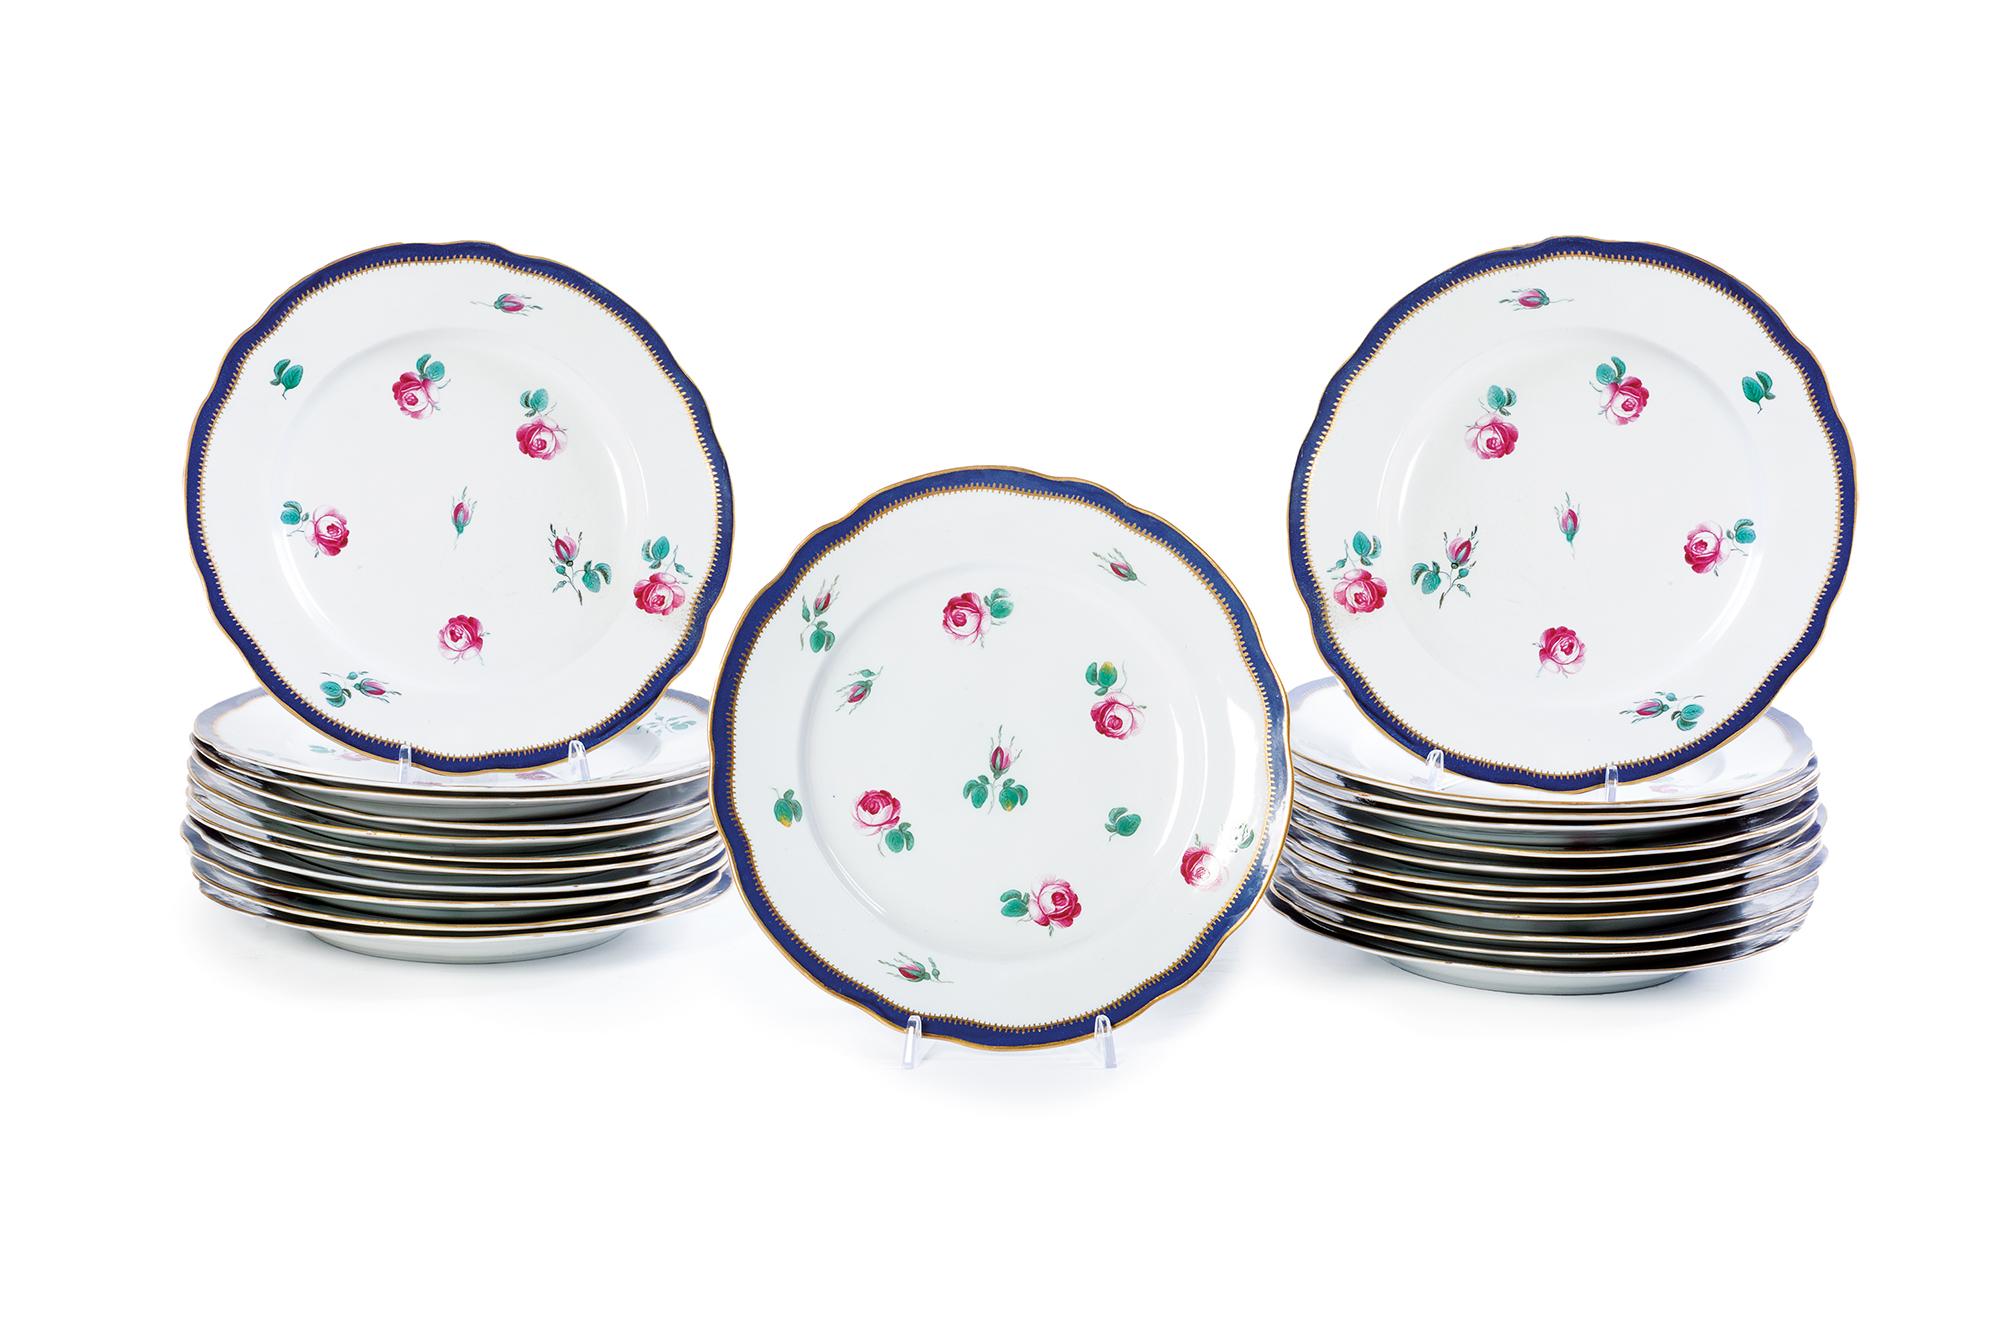 Ventiquattro piatti piani in porcellana con decoro a roselline, Ginori manifattura Doccia fine secolo XVIII